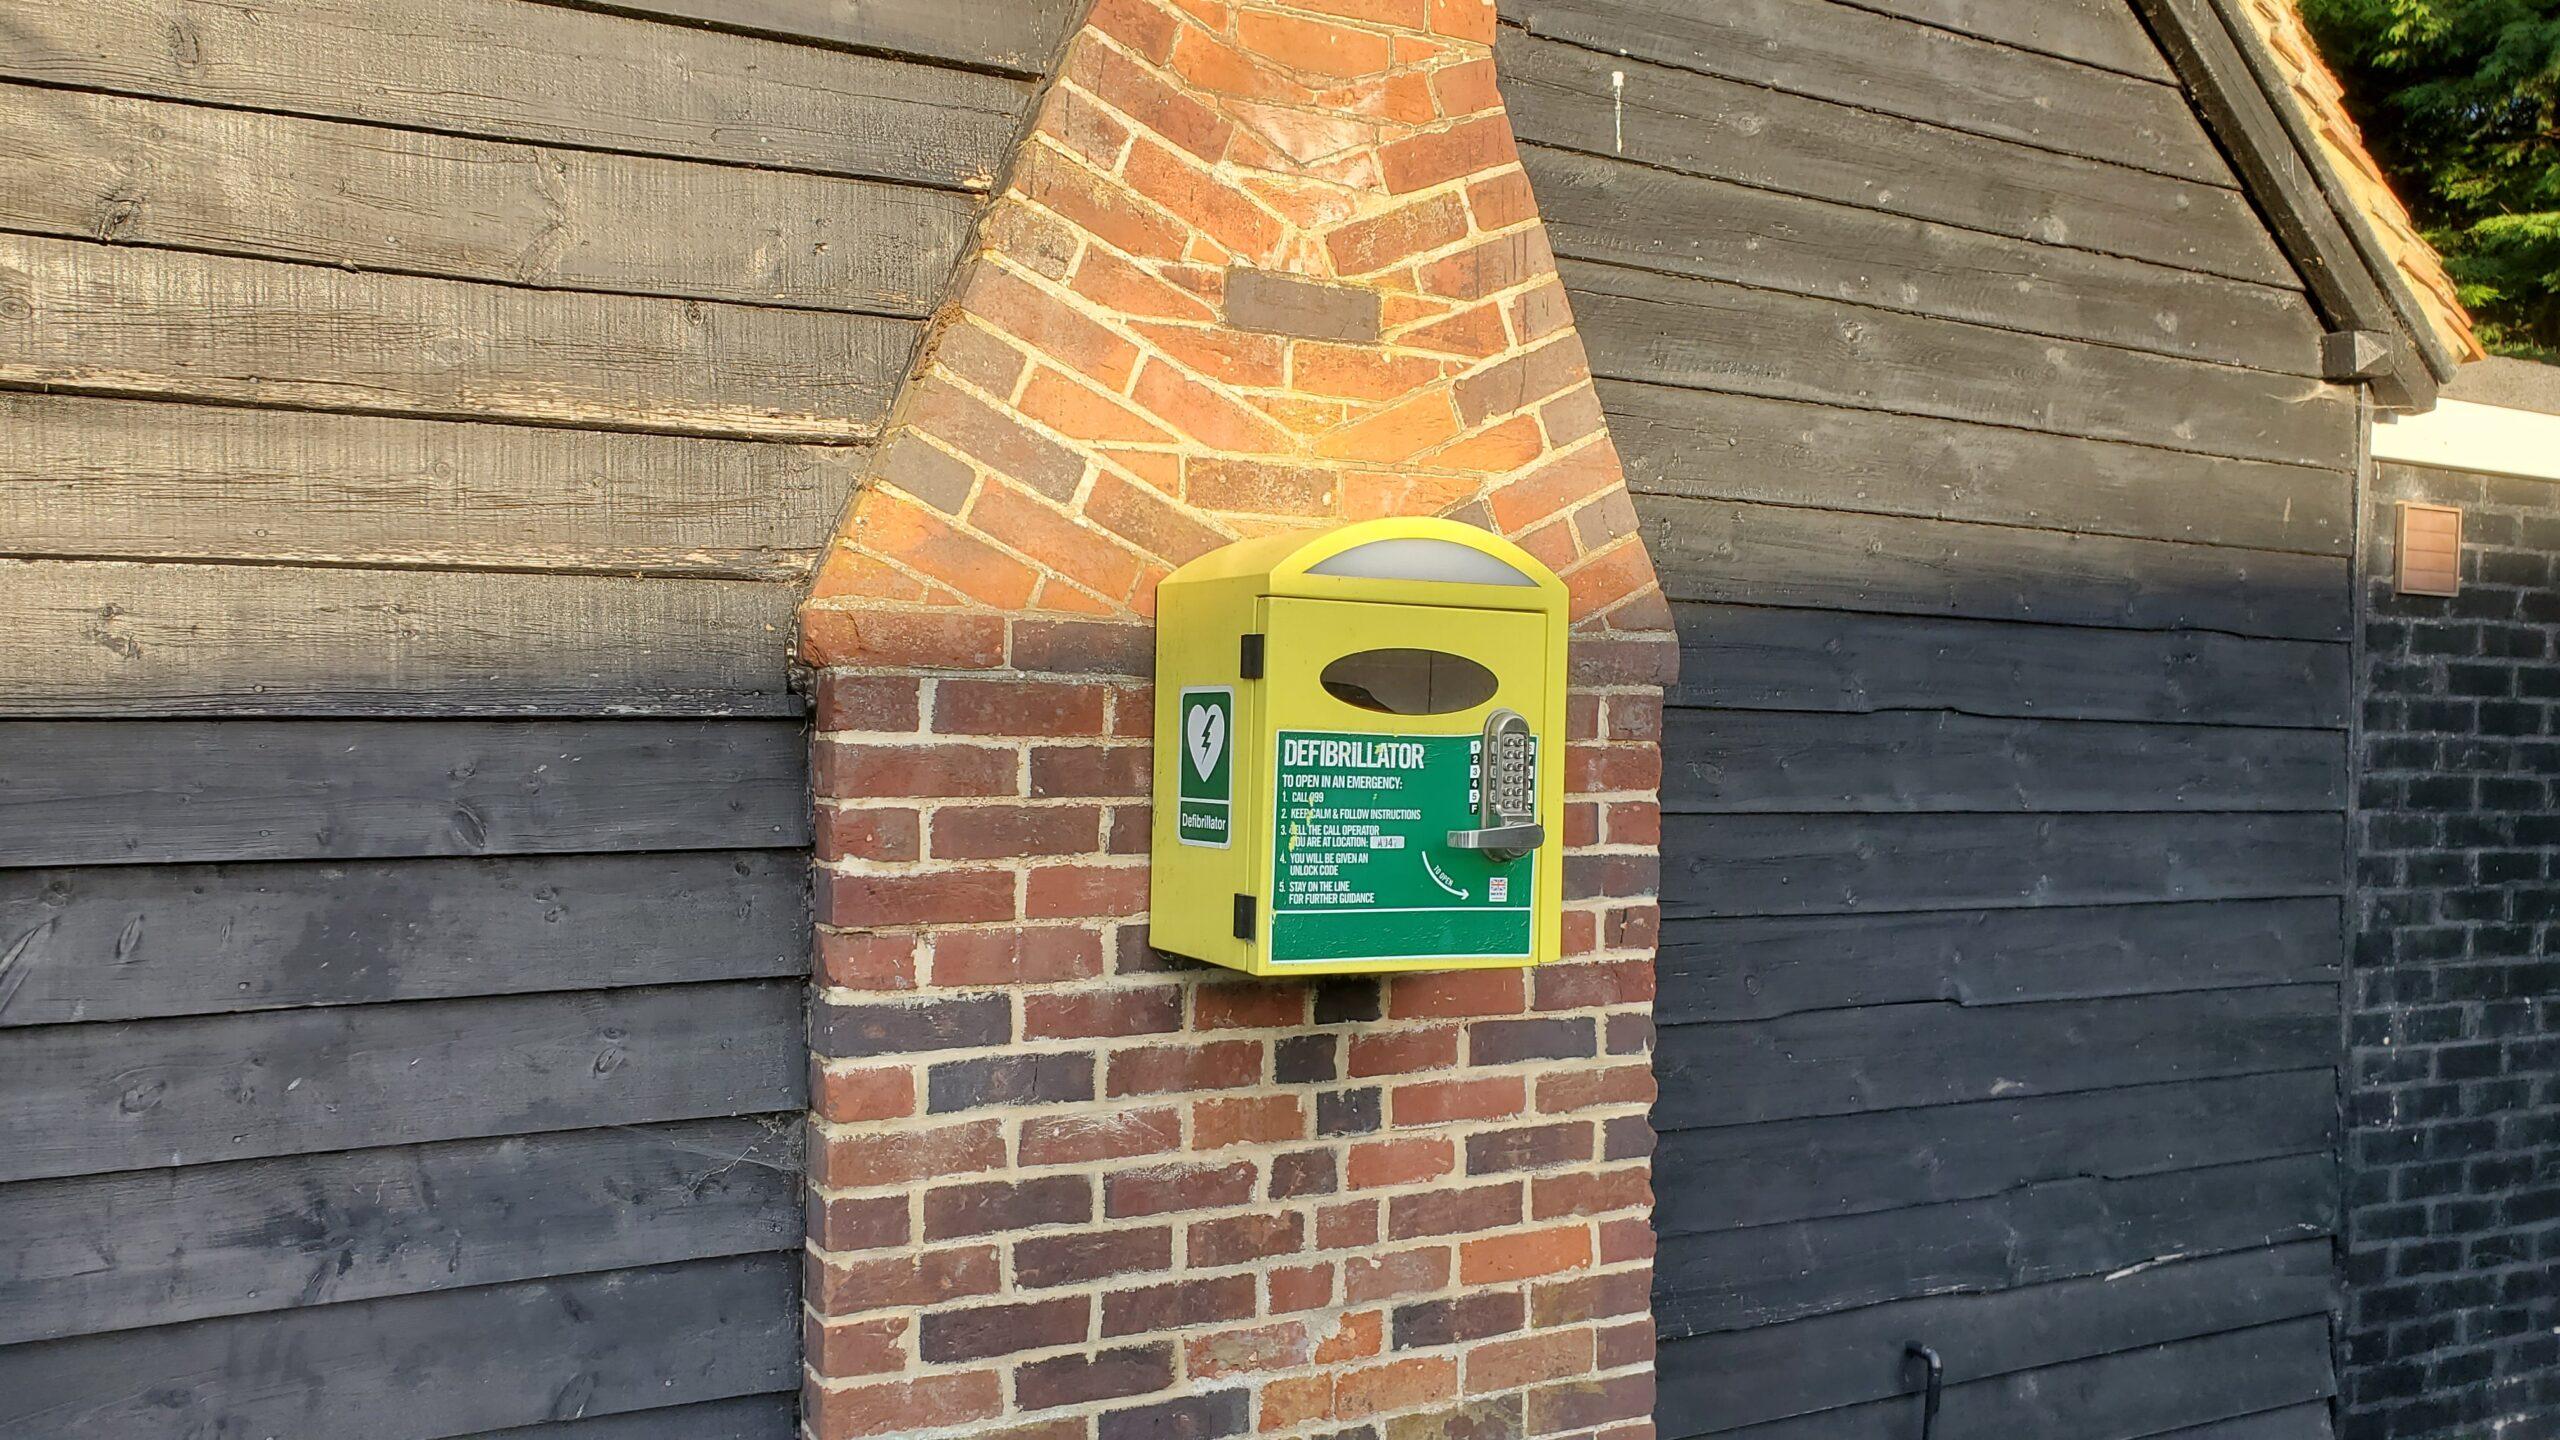 Village Defibrillator